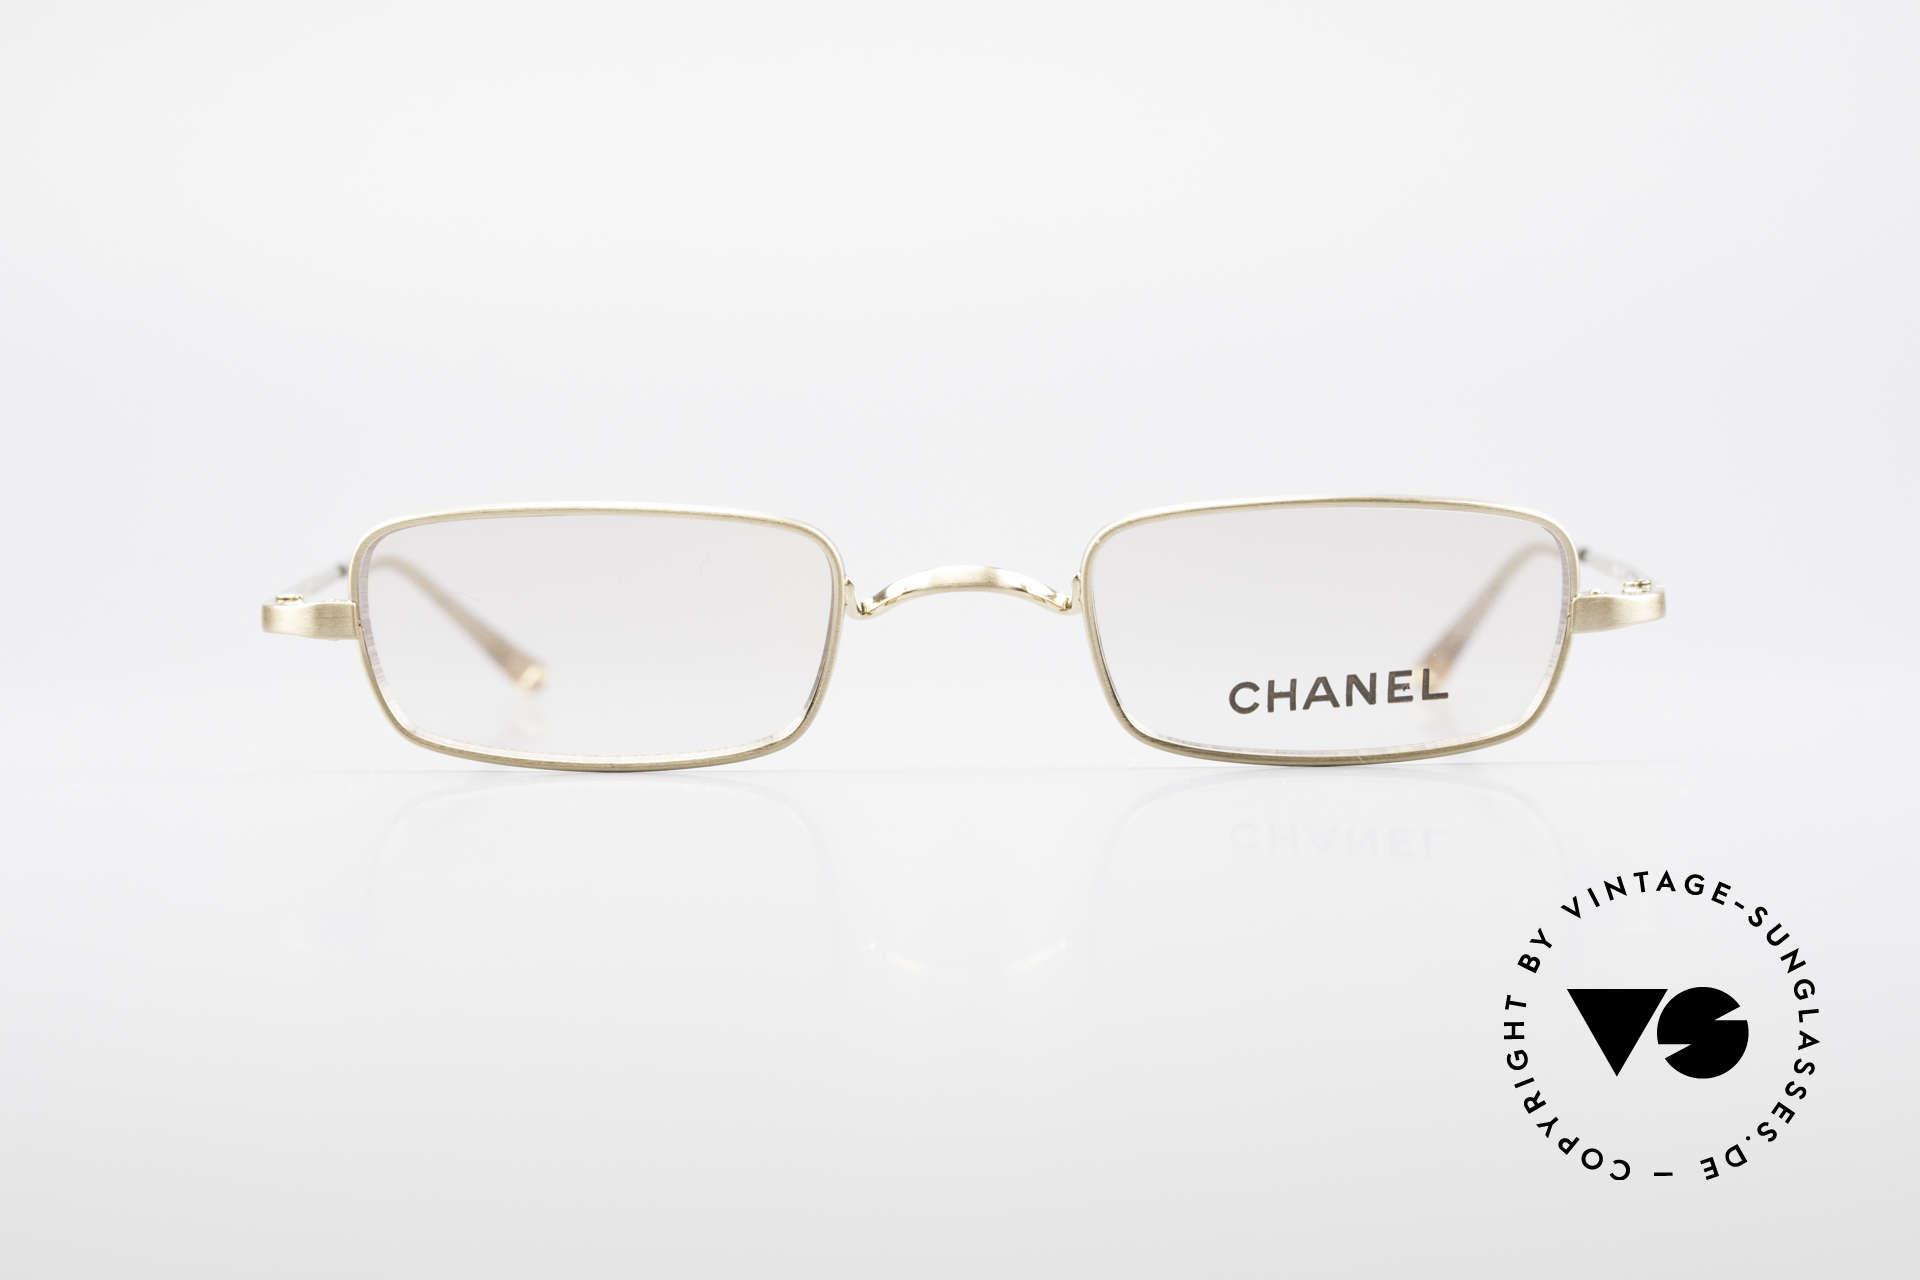 Chanel 2038 Unisex Luxus Brille Sonnenclip, Größe: small, Passend für Herren und Damen